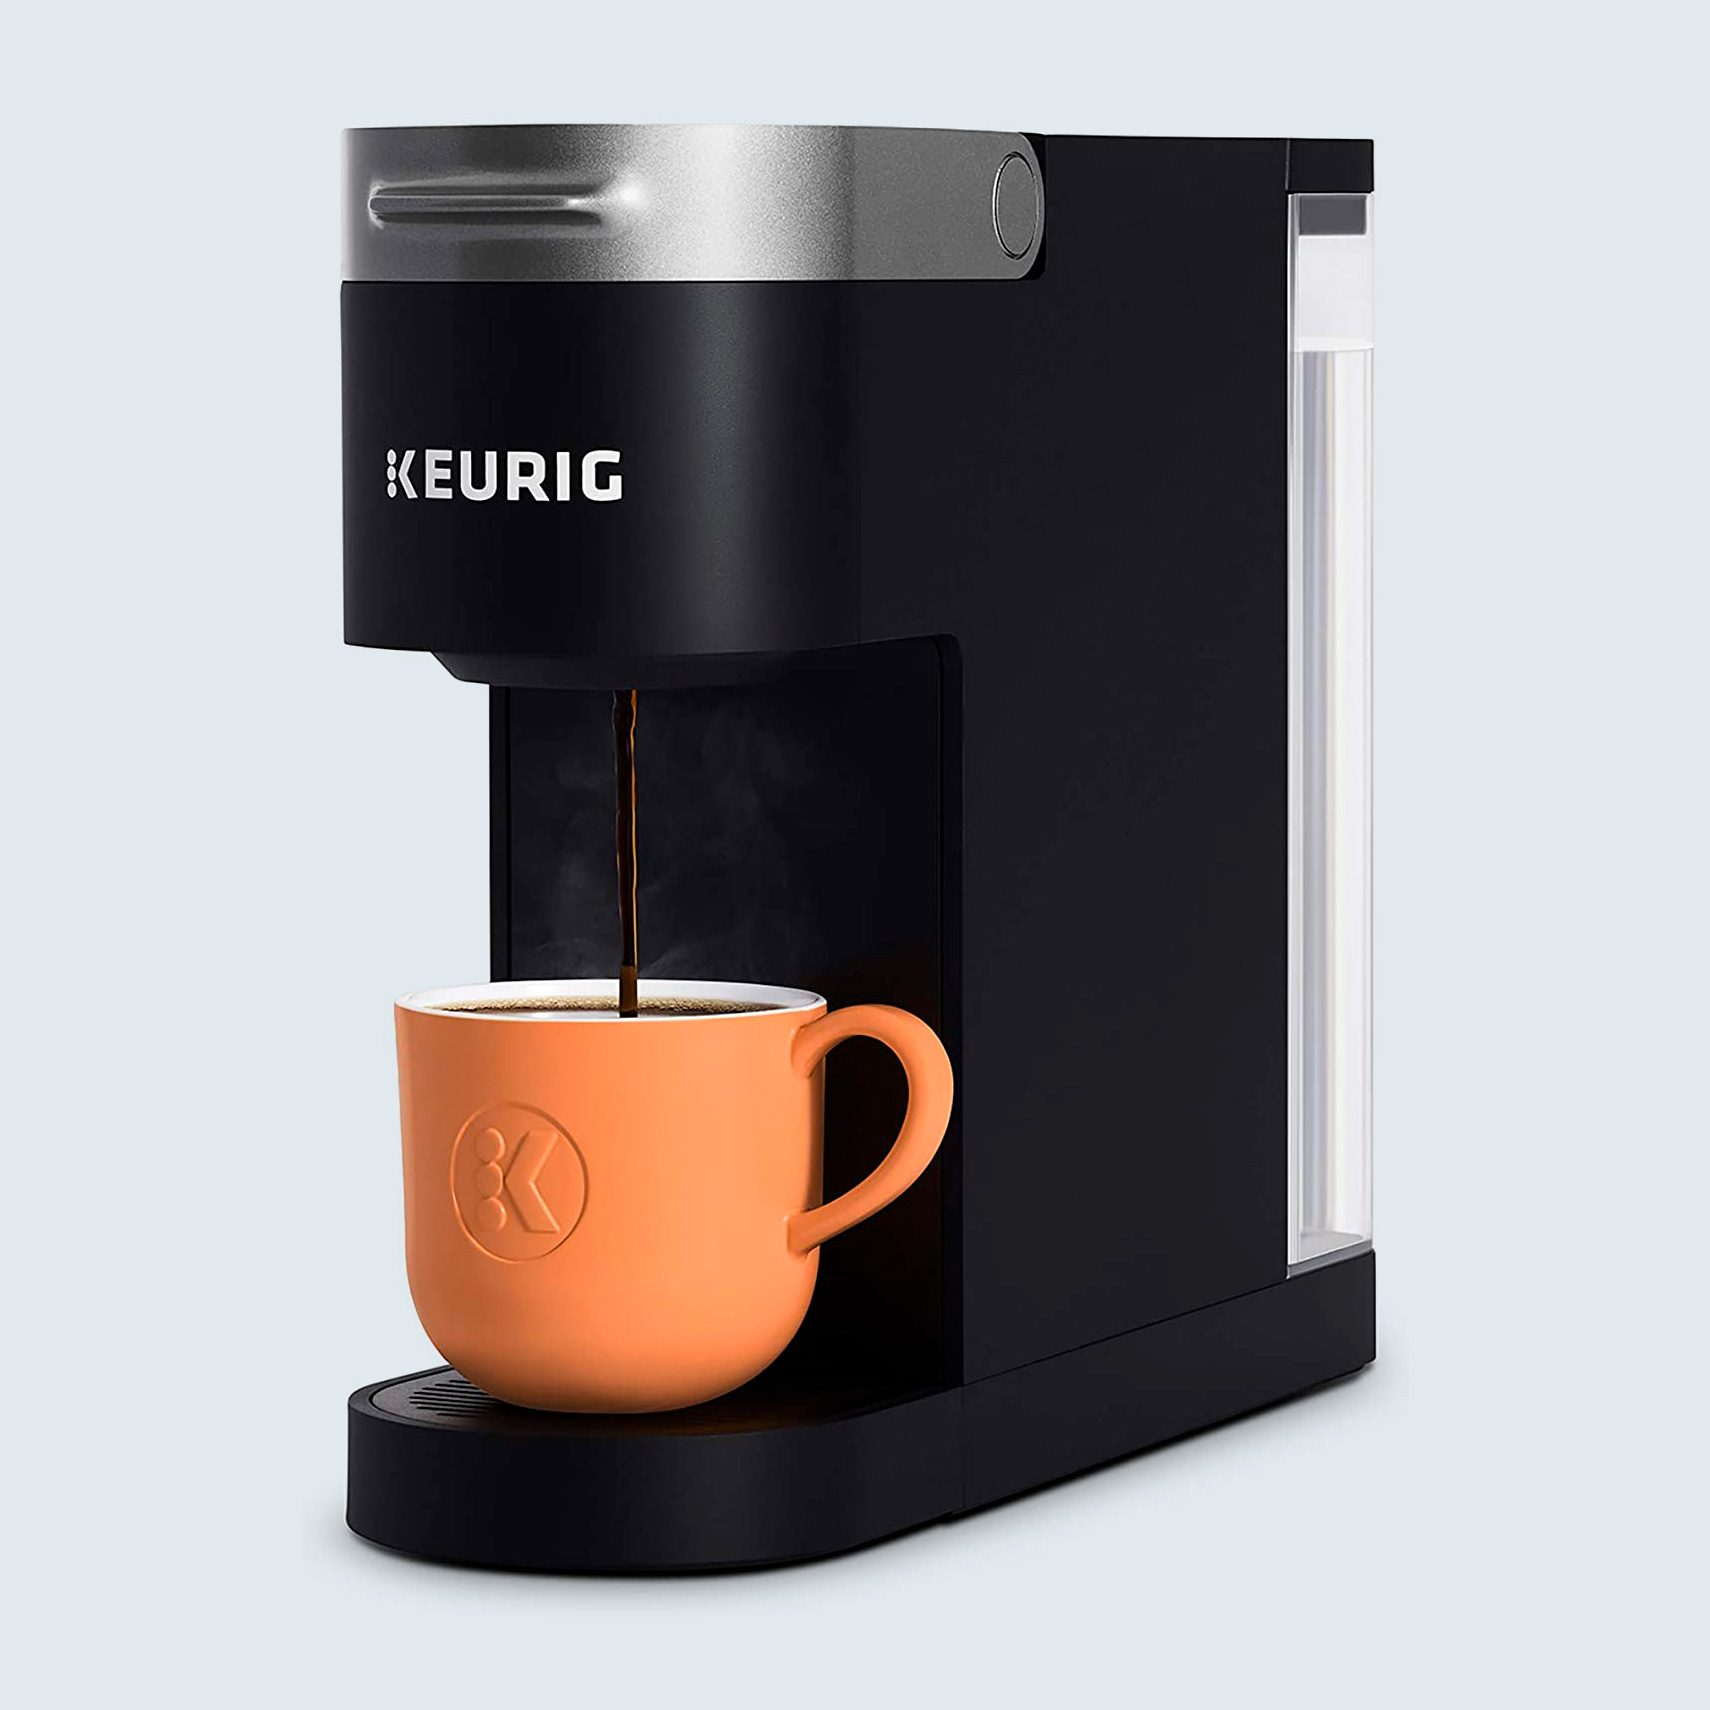 Keurig K Slim Coffee Maker